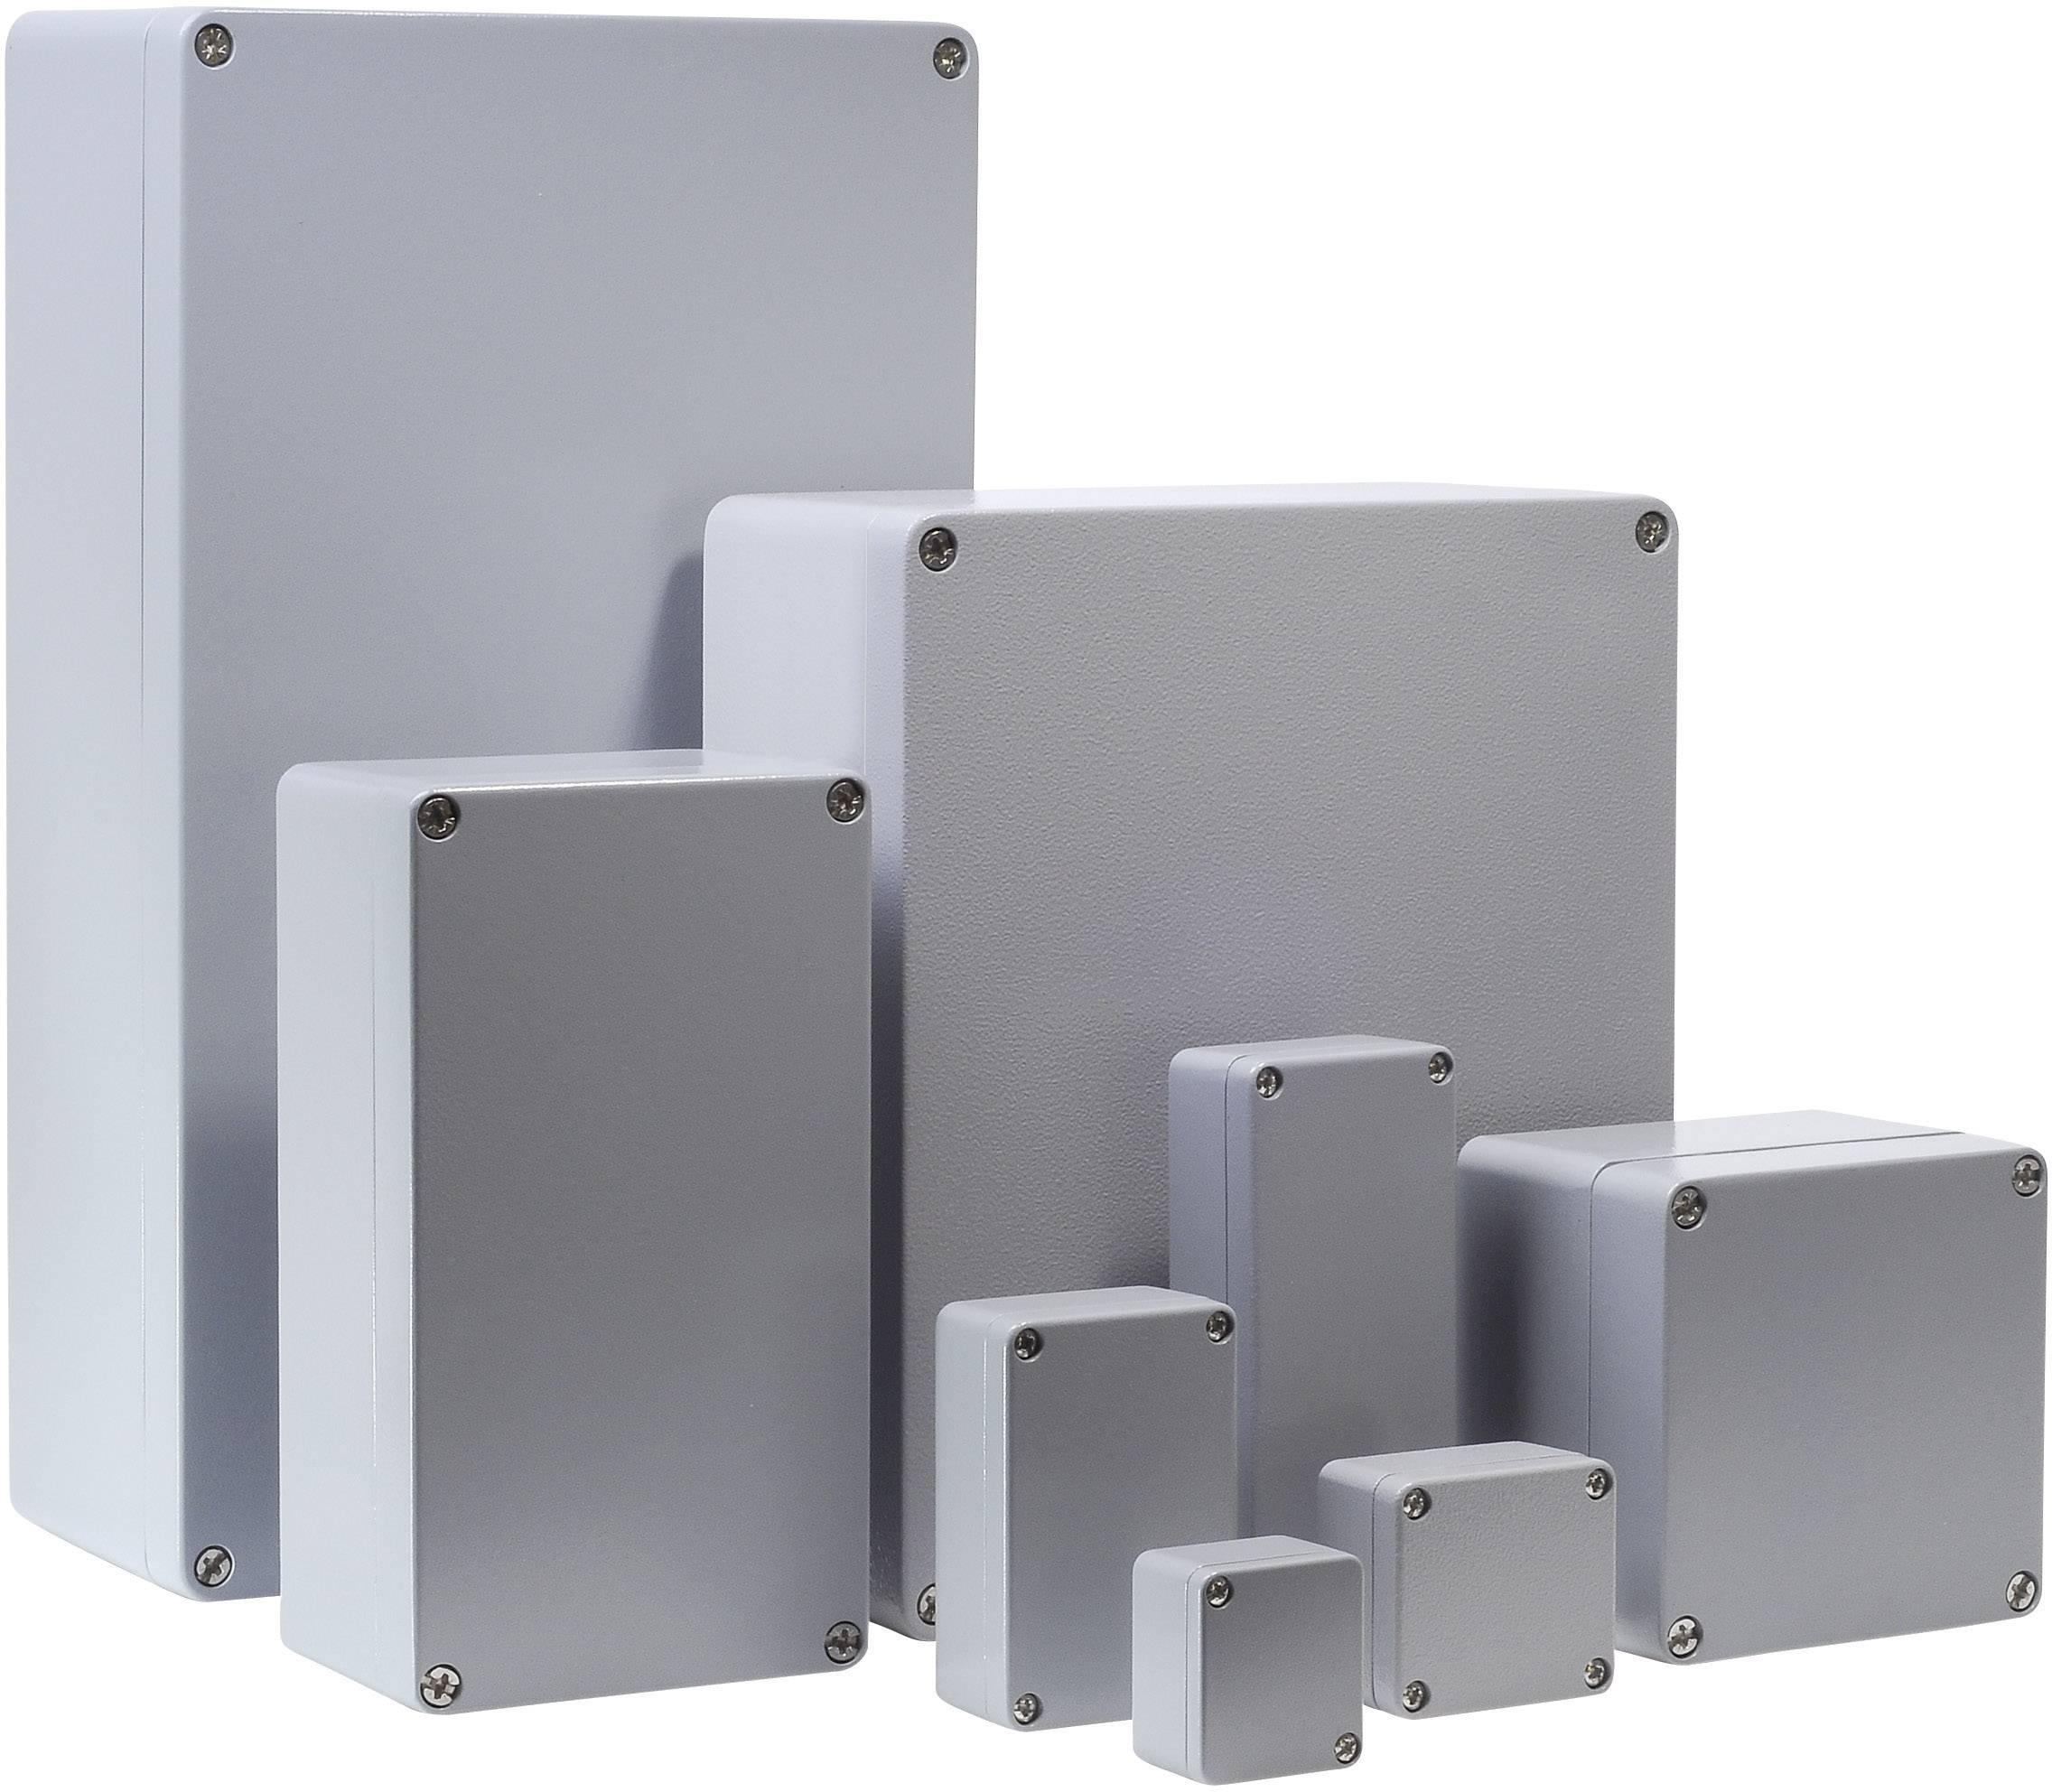 Univerzální pouzdro hliníkové Bernstein AG CA-210, (d x š x v) 122 x 122 x 80 mm, stříbrná